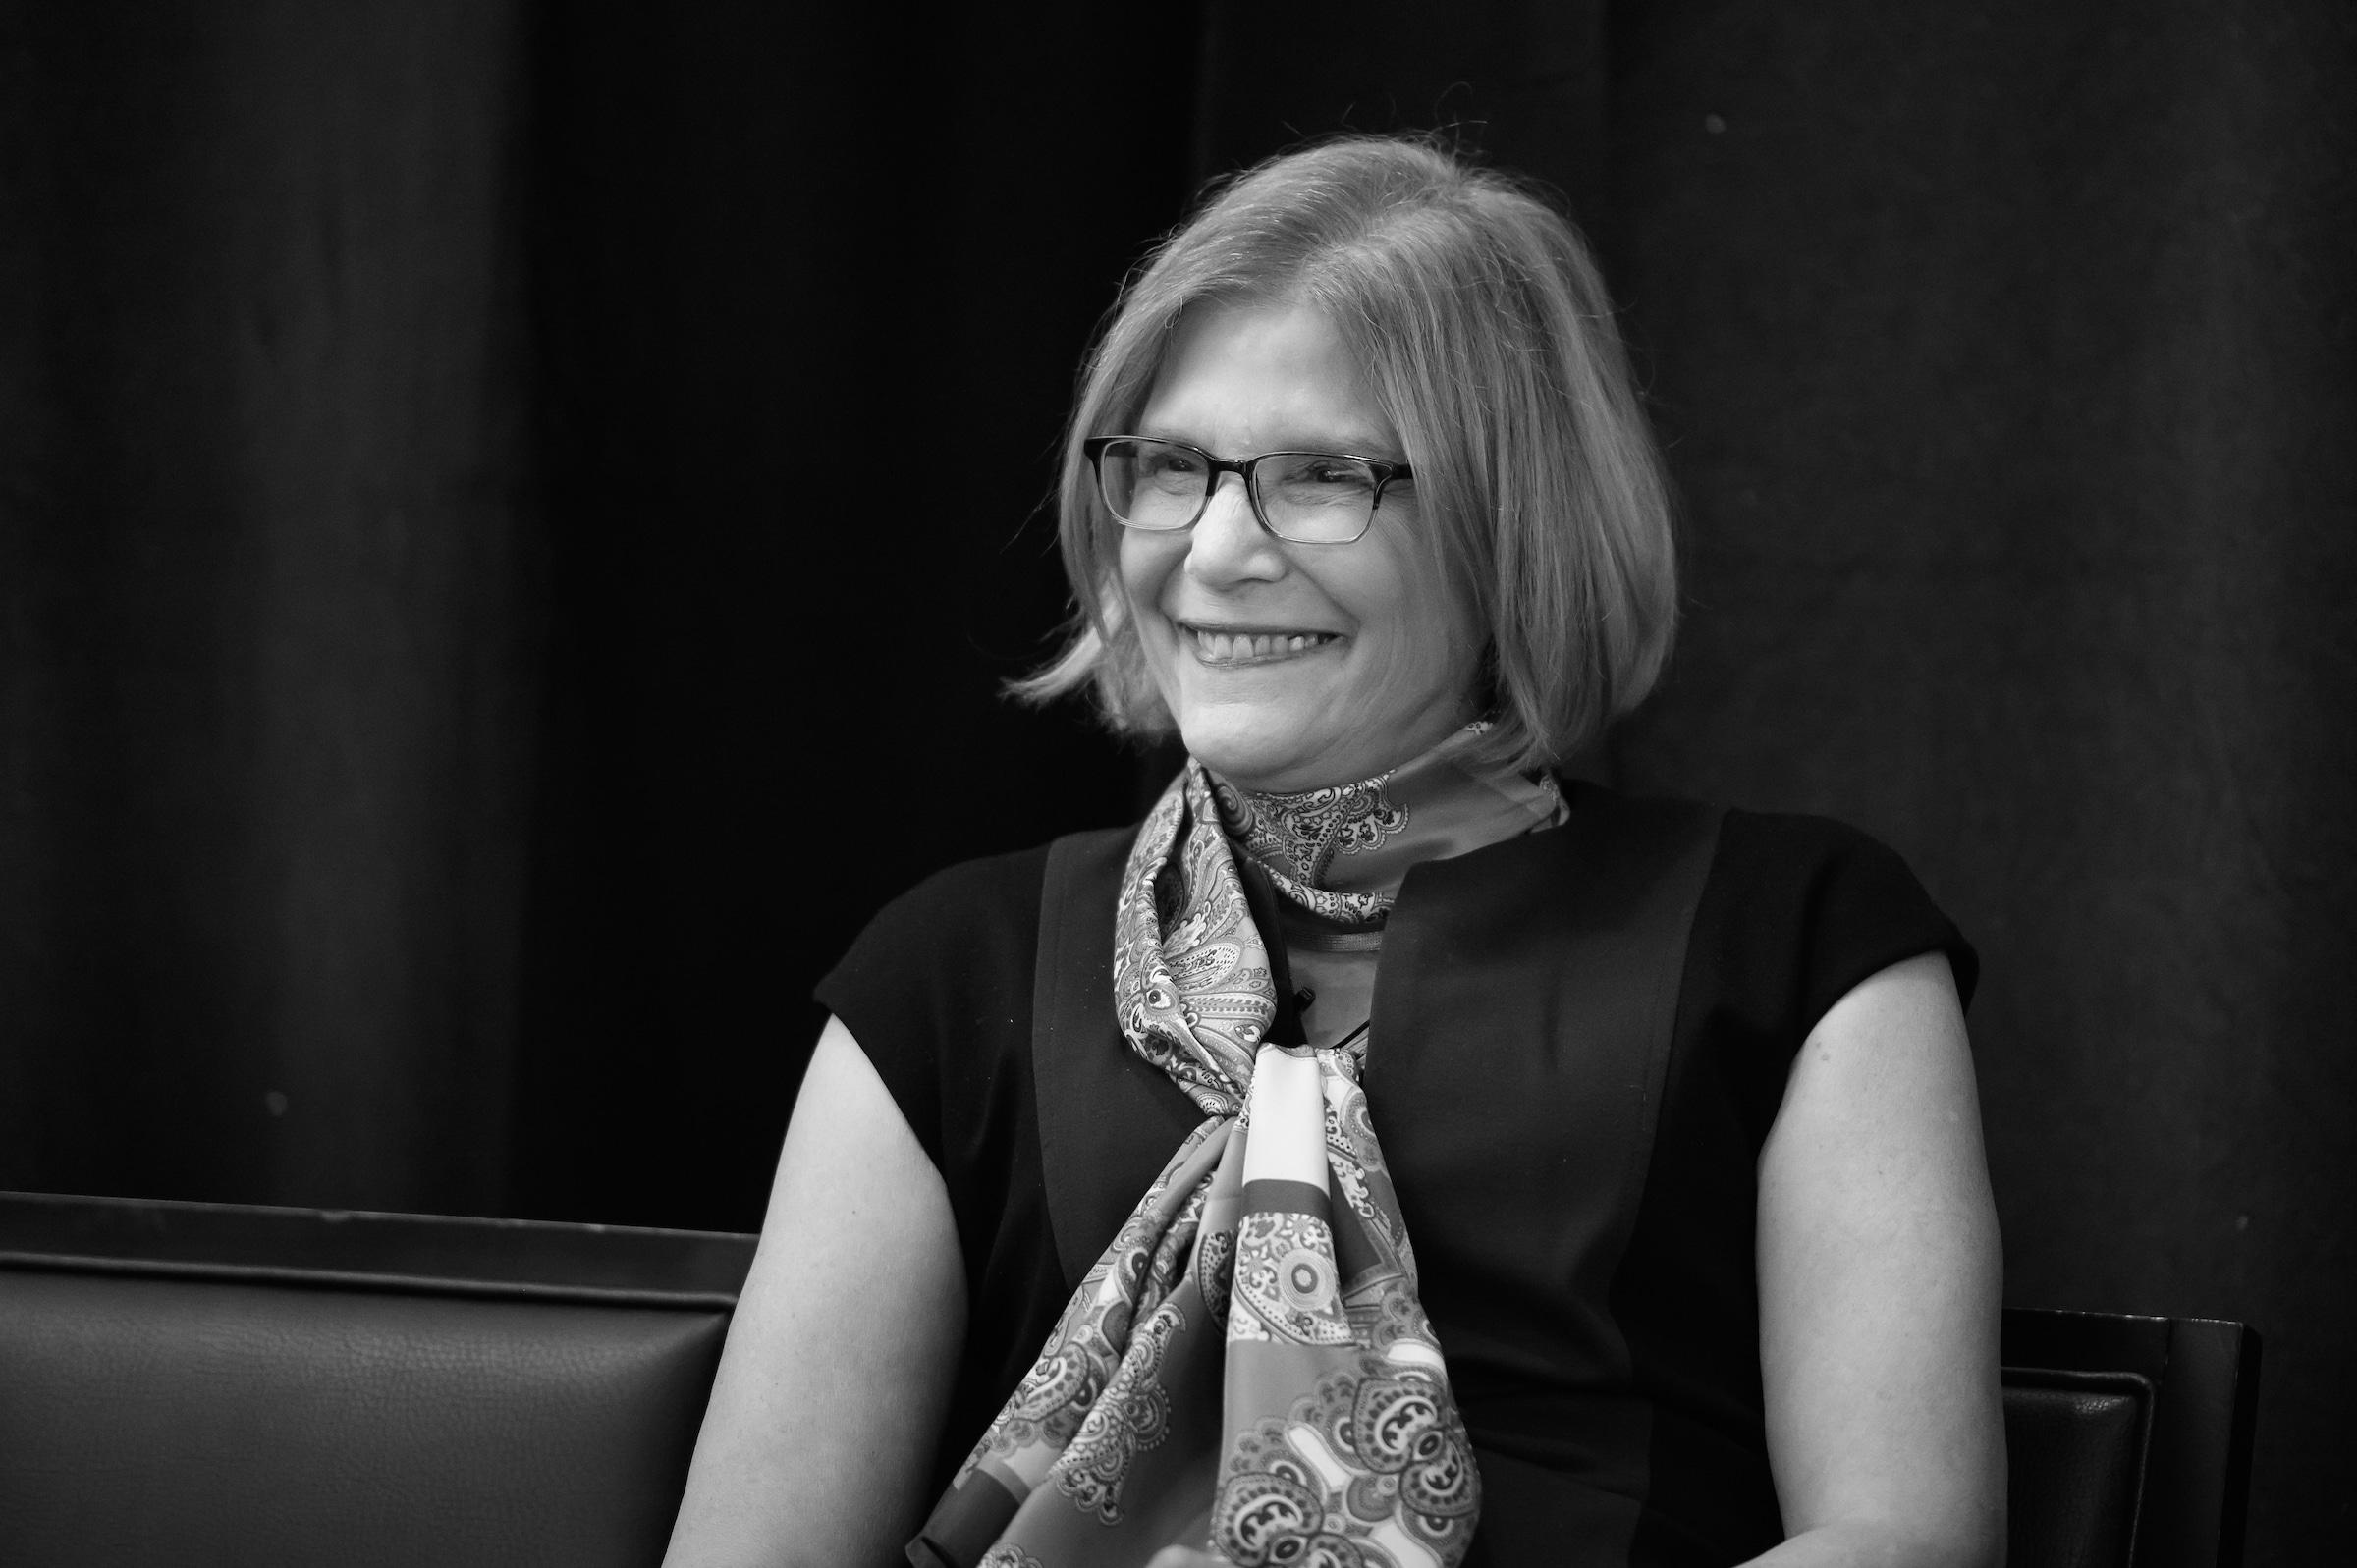 Carol speaking at NOD's Annual Forum in 2019